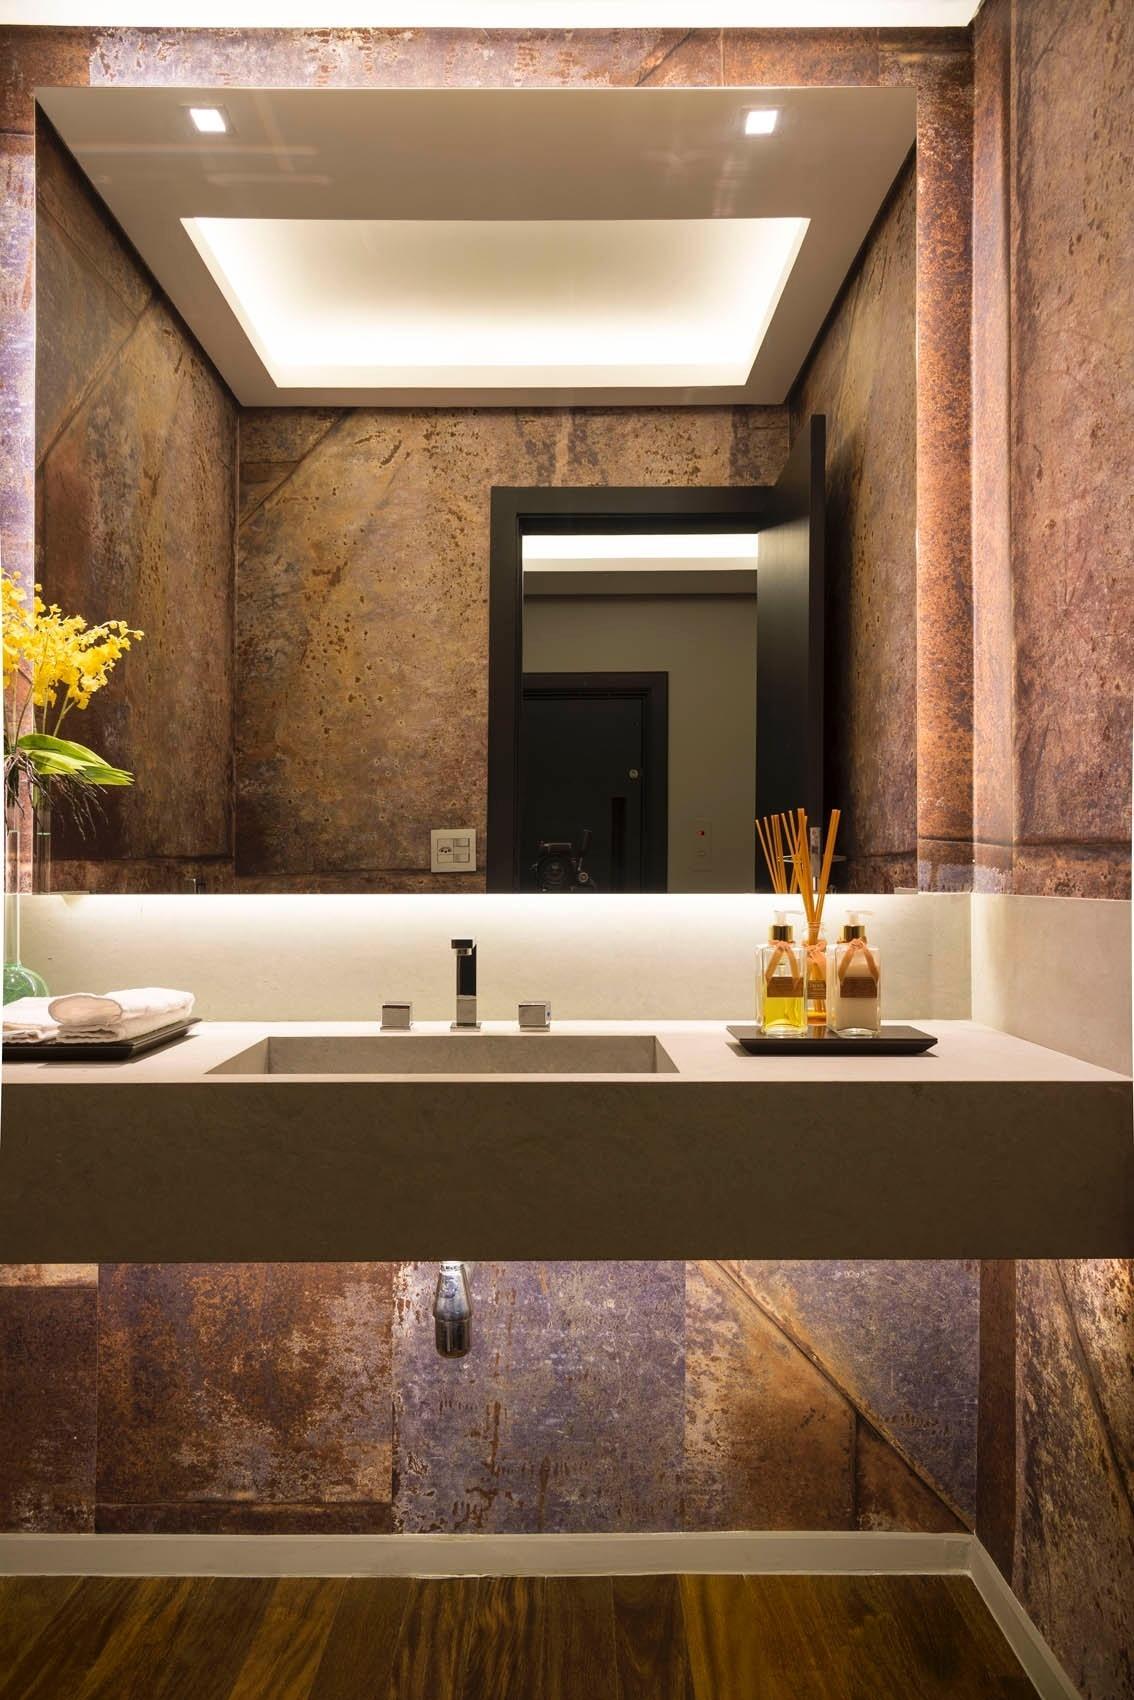 Lixeira Para Banheiro Tamanho Ideal  cgafghanscom banheiros pequenos e mode -> Altura Ideal Pia De Banheiro